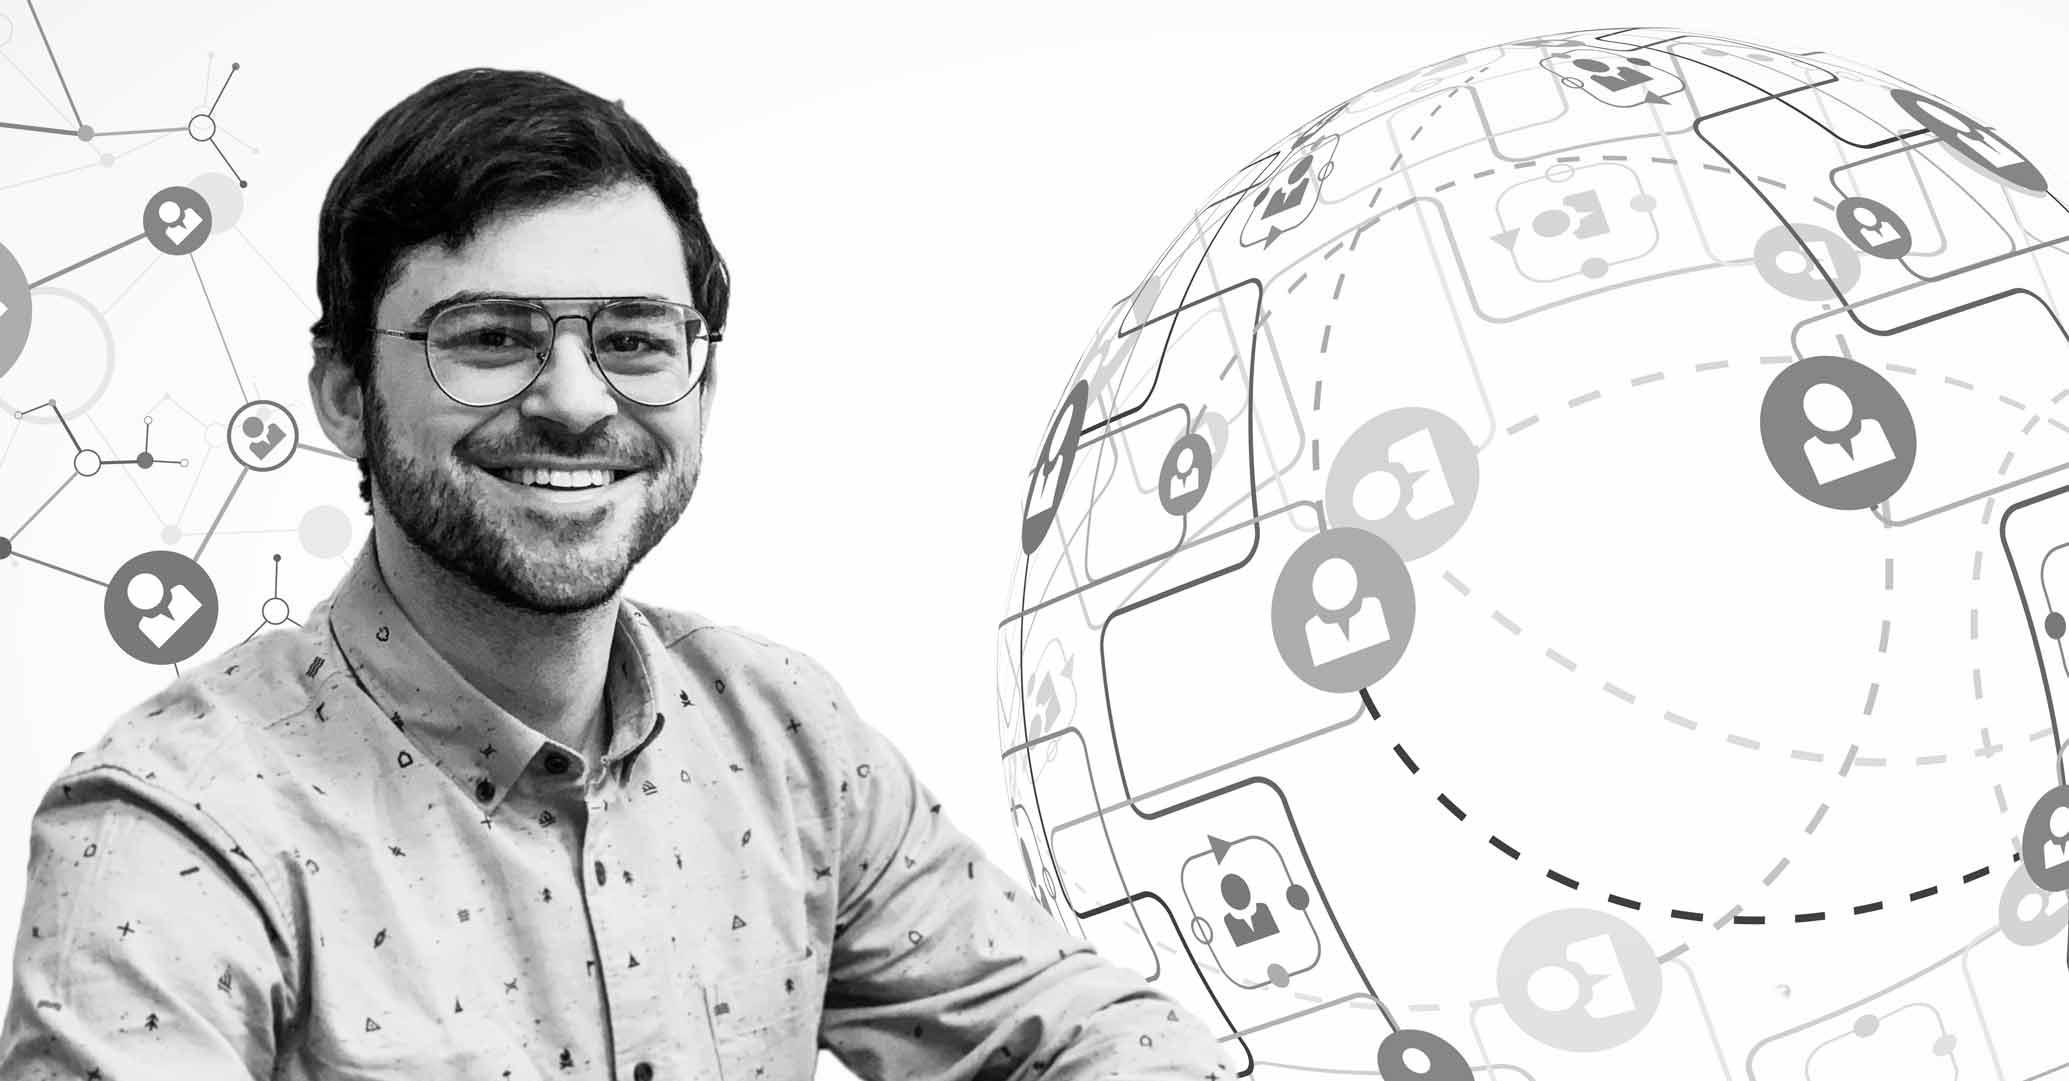 Digital Experience Designer Piergiorgio Gonni